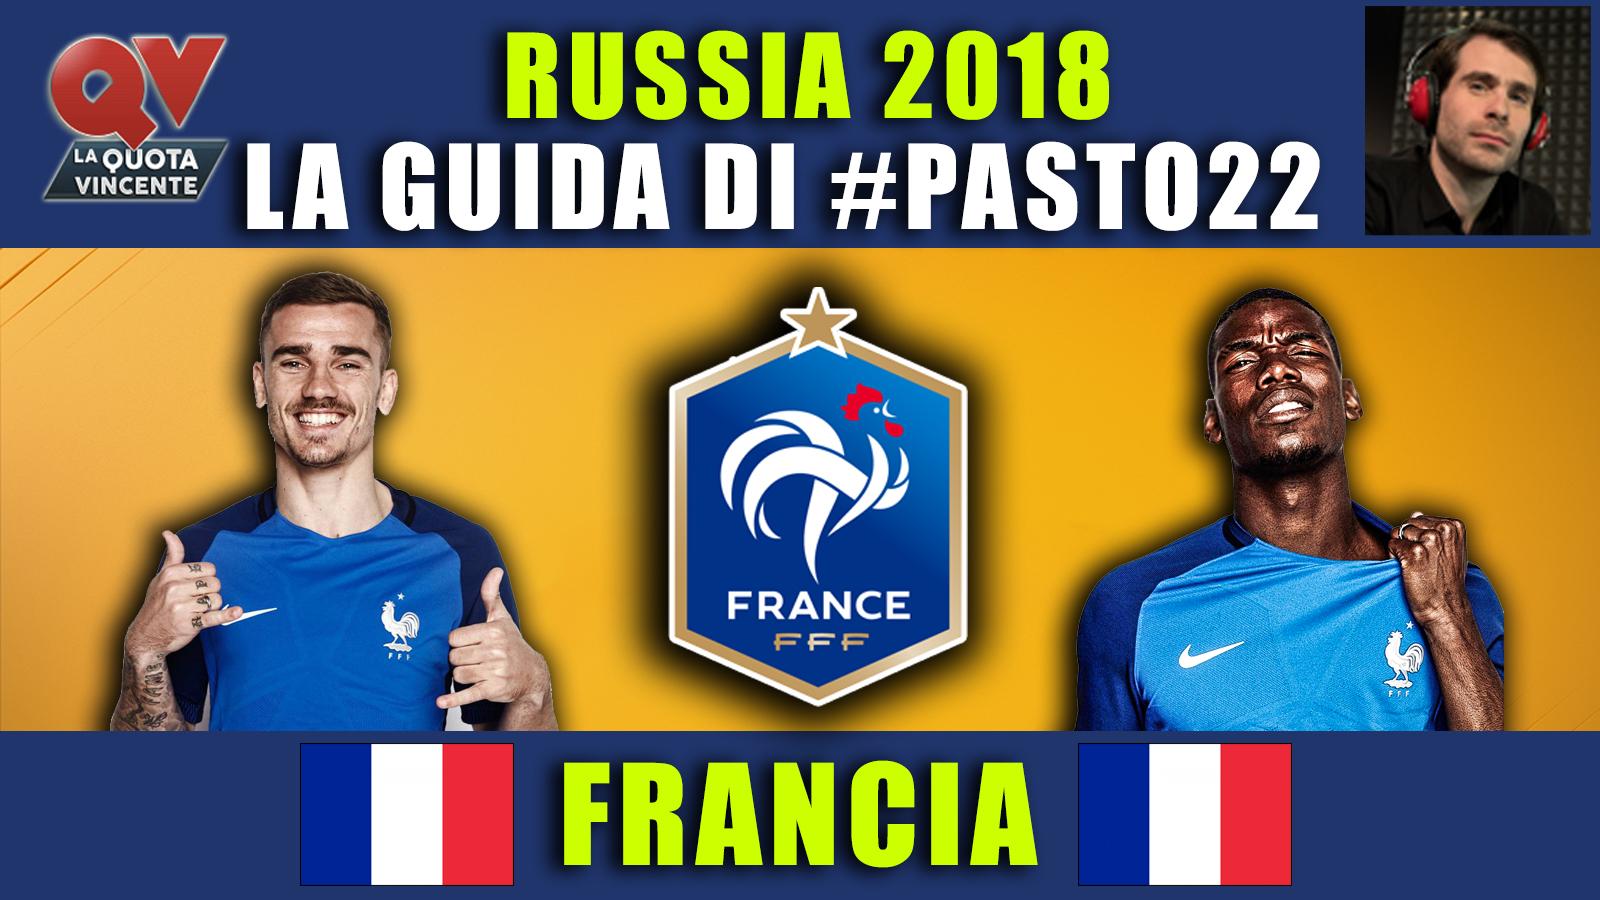 Guida Mondiali Russia 2018 Francia